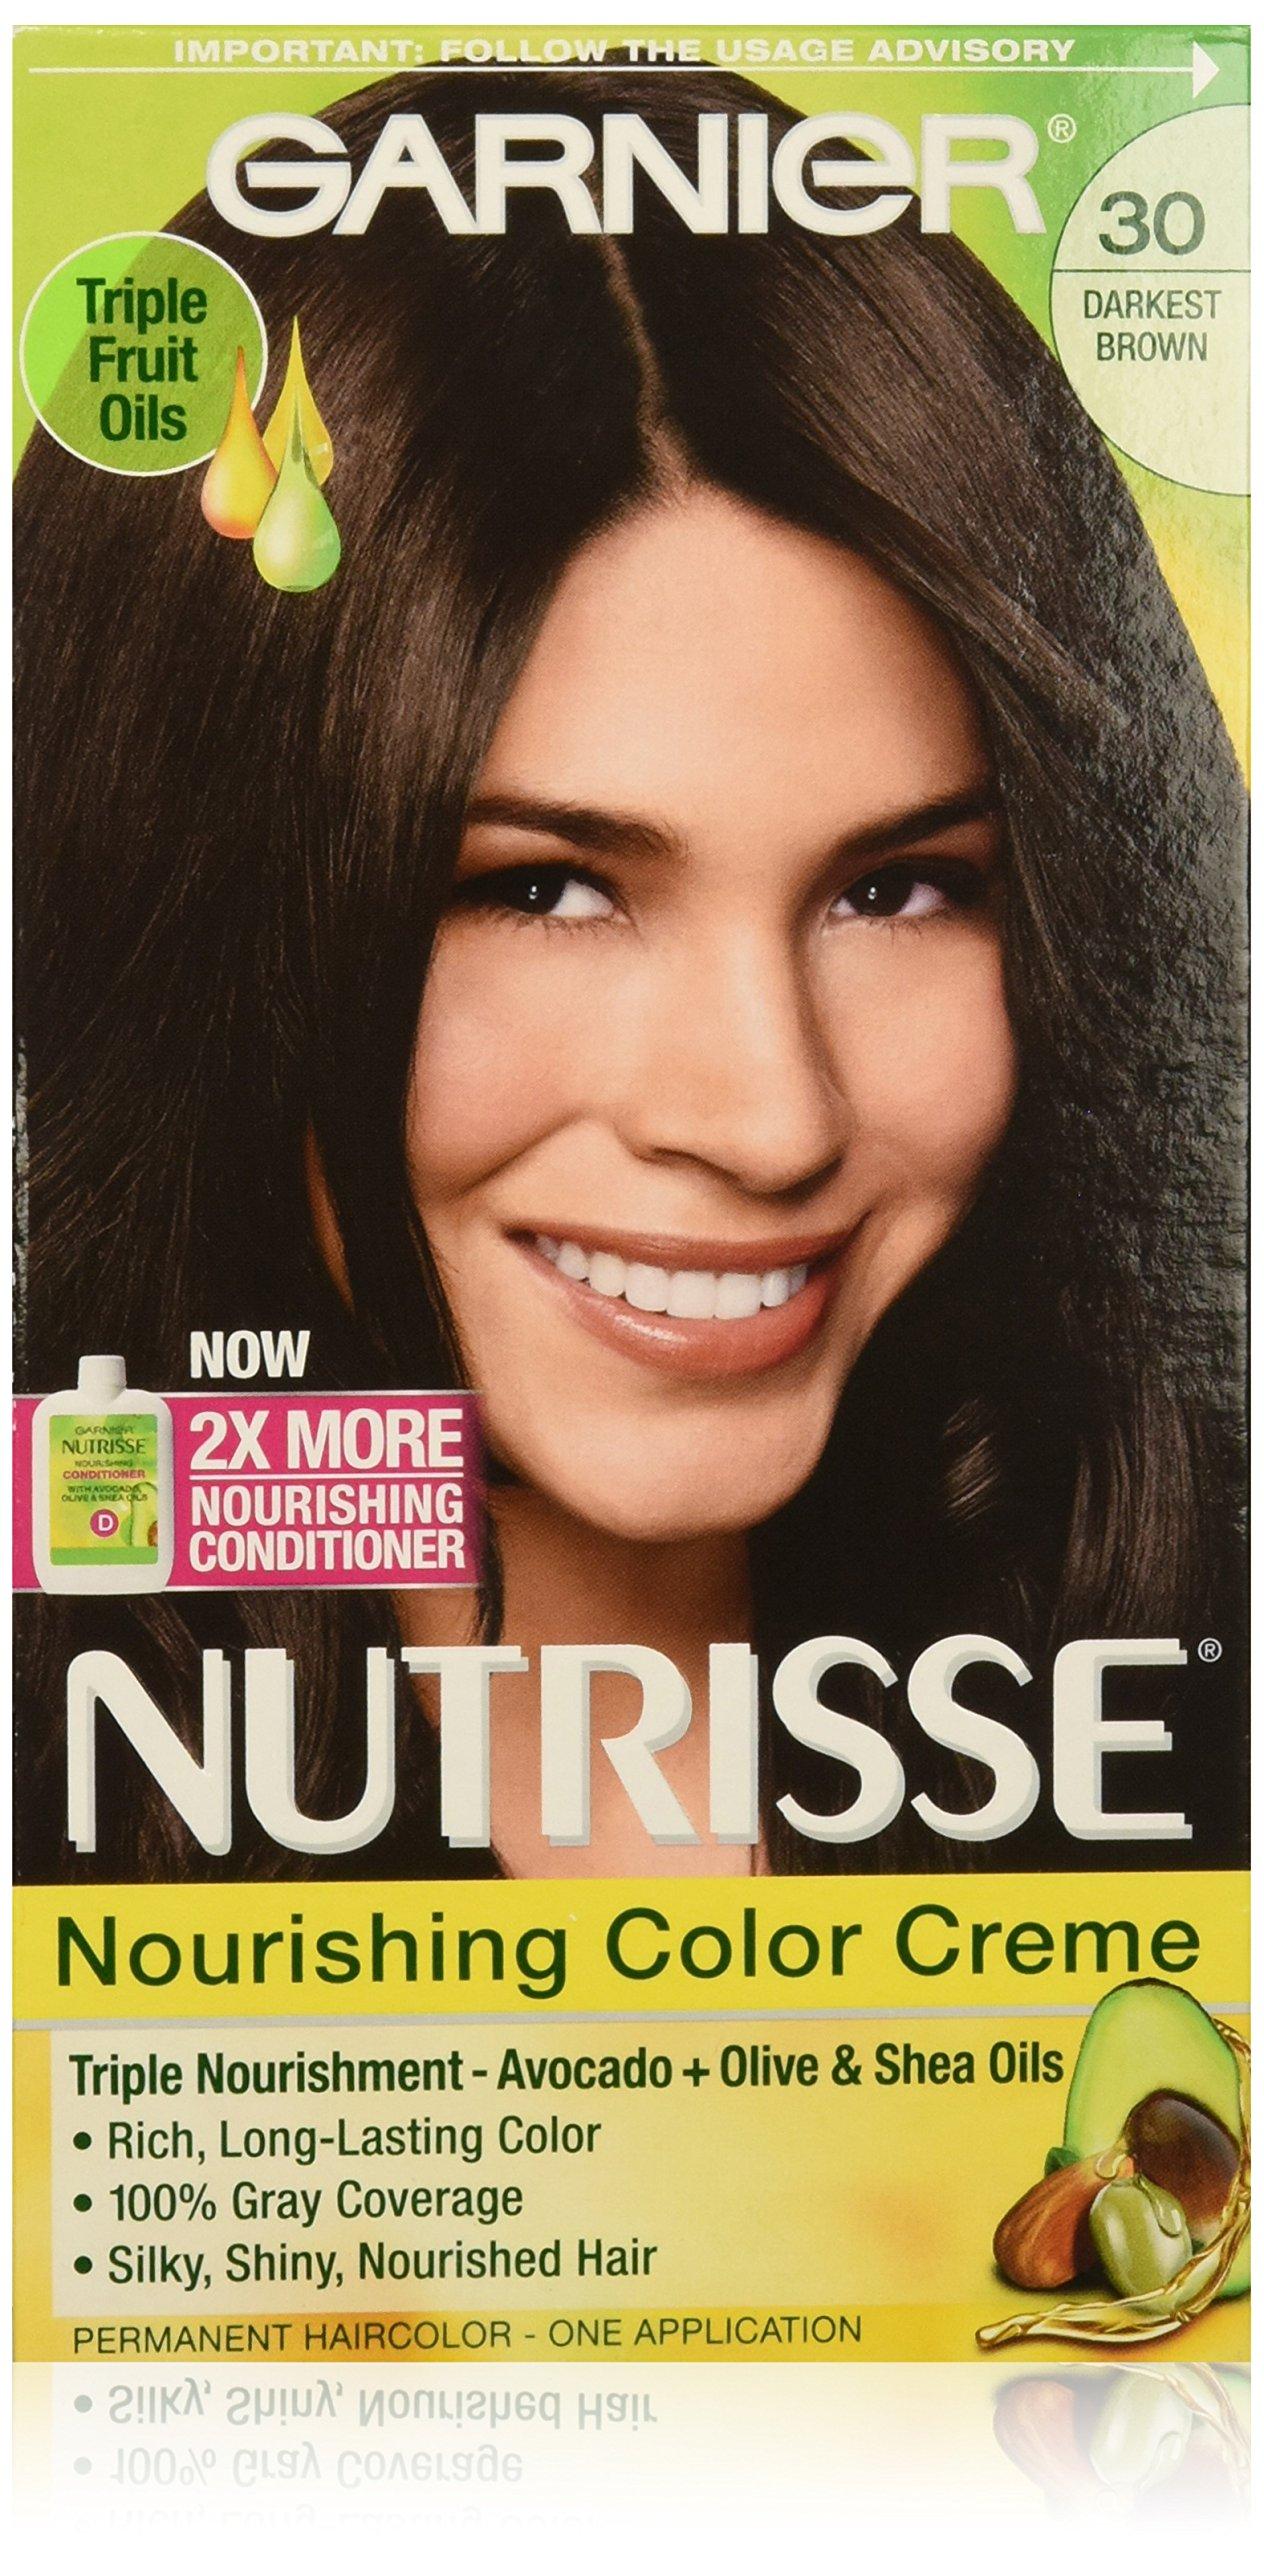 Garnier Nutrisse Nourishing Hair Color Creme, 30 Darkest Brown (Sweet Cola), 3 Count (Packaging May Vary) by Garnier